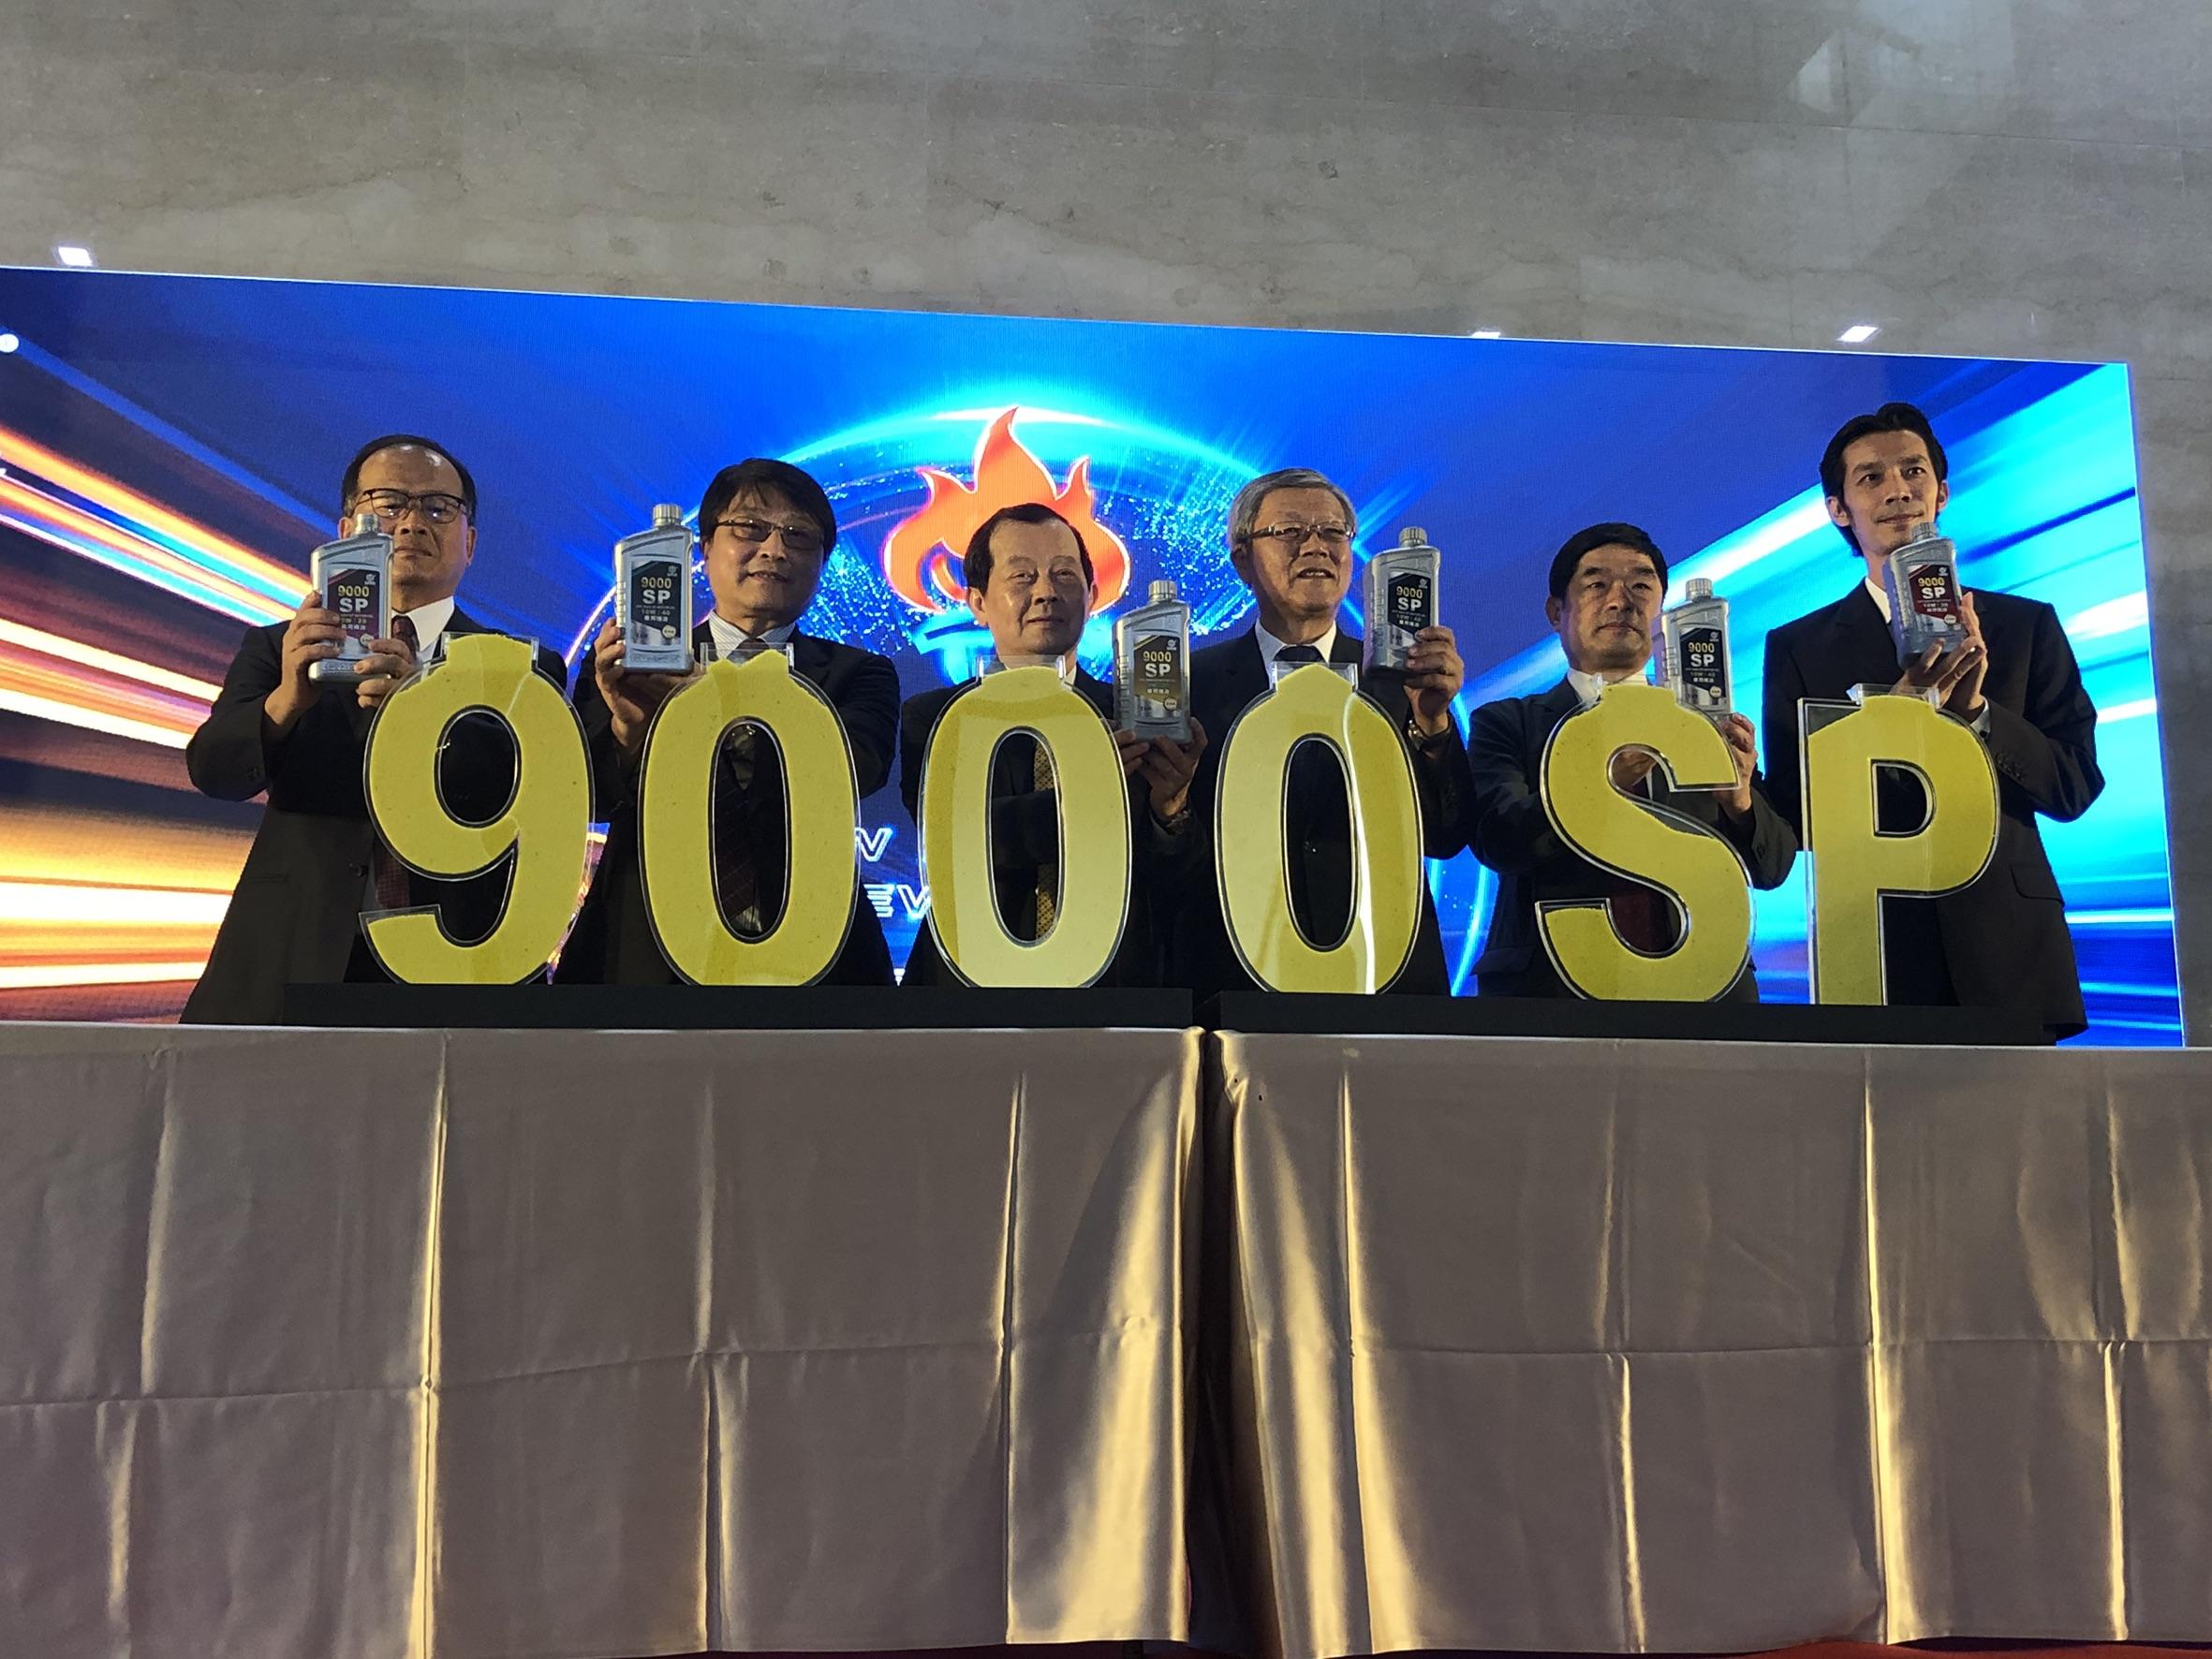 台灣中油國光牌SP車用機油新產品發表 機油業界最高等級